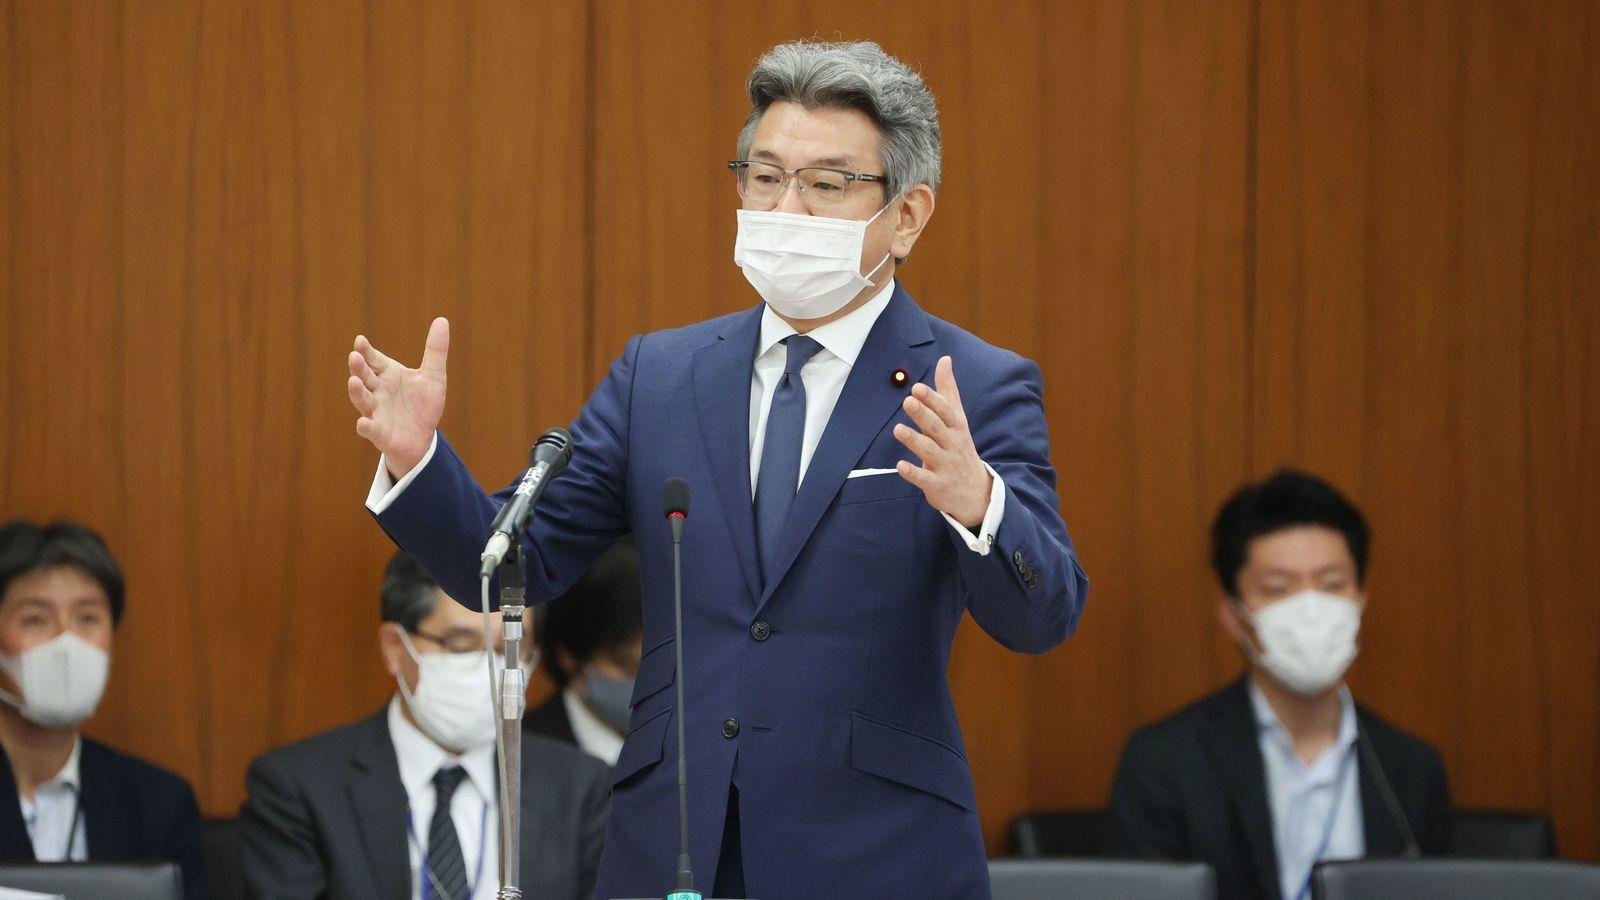 検察庁法改正案に「口を挟む立場にはない」と珍答弁する武田行革担当相の迷走 「安倍内閣のアキレス腱」の面目躍如